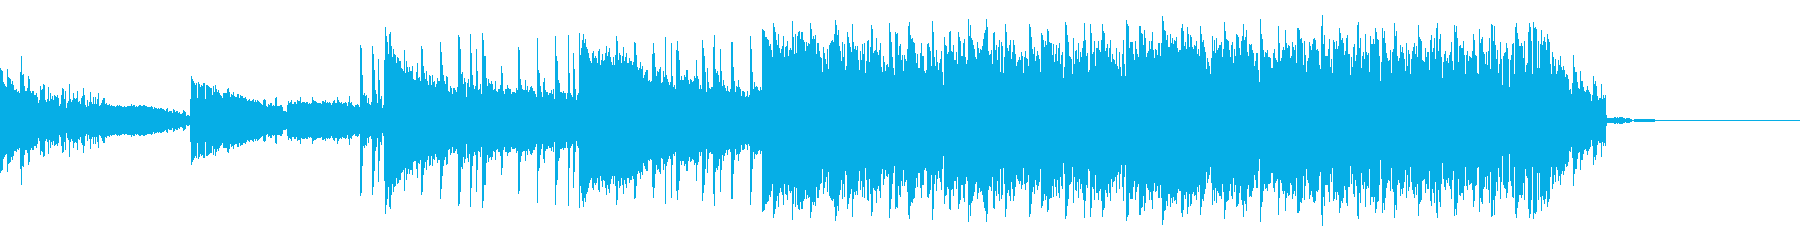 中程度の代替ロックテーマの再生済みの波形